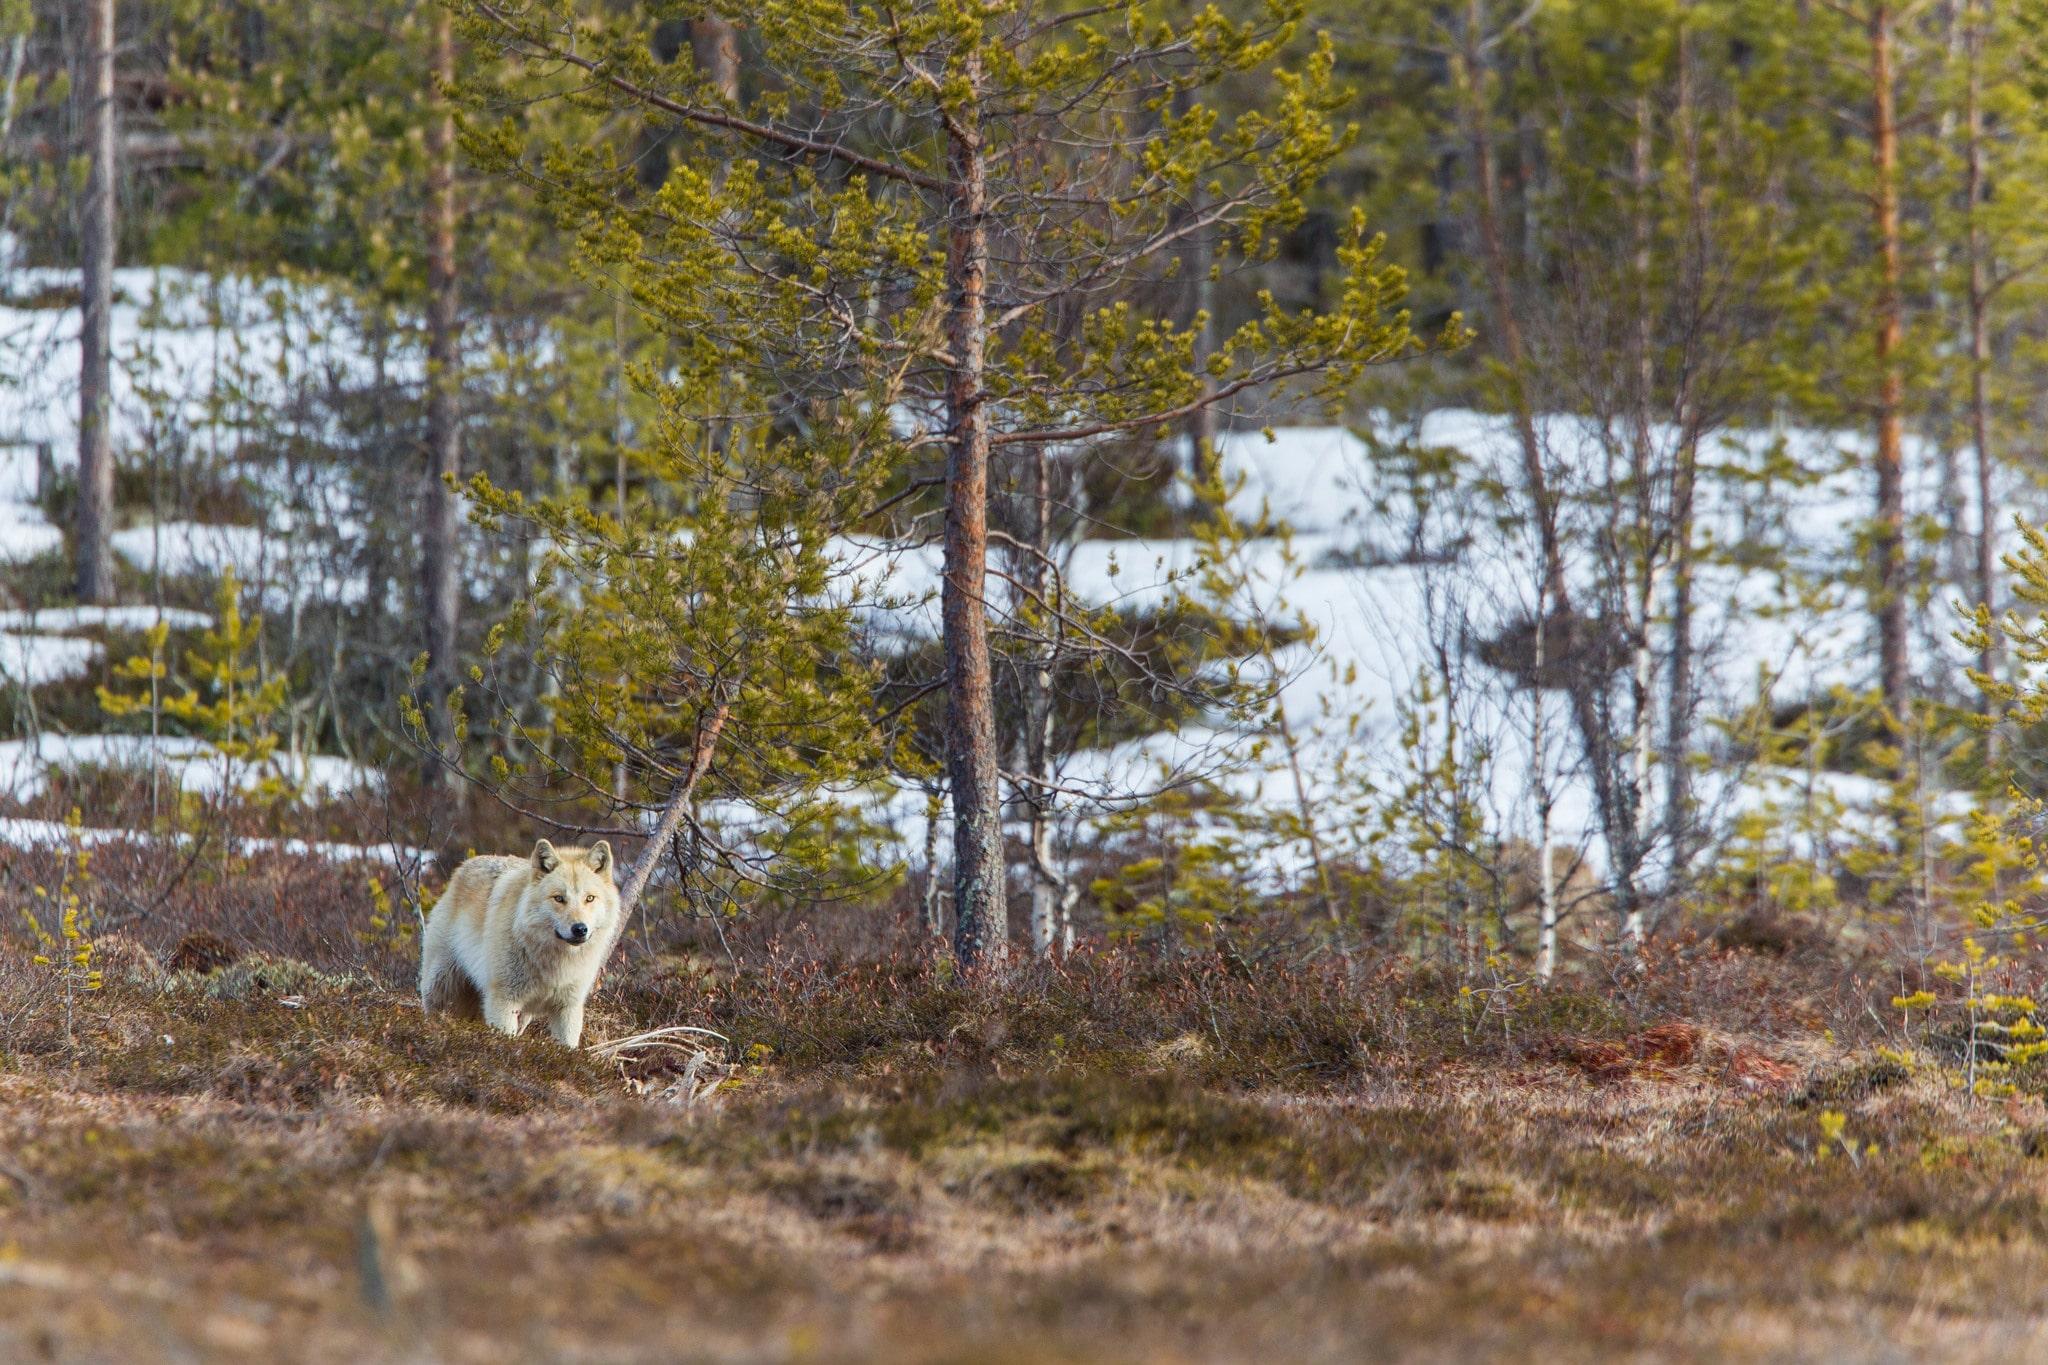 Fler och fler vargobservationer i Roslagen gör att länsstyrelsen nu misstänker att ett nytt vargrevir är på väg att bildas. Foto: Kjell-Erik Moseid